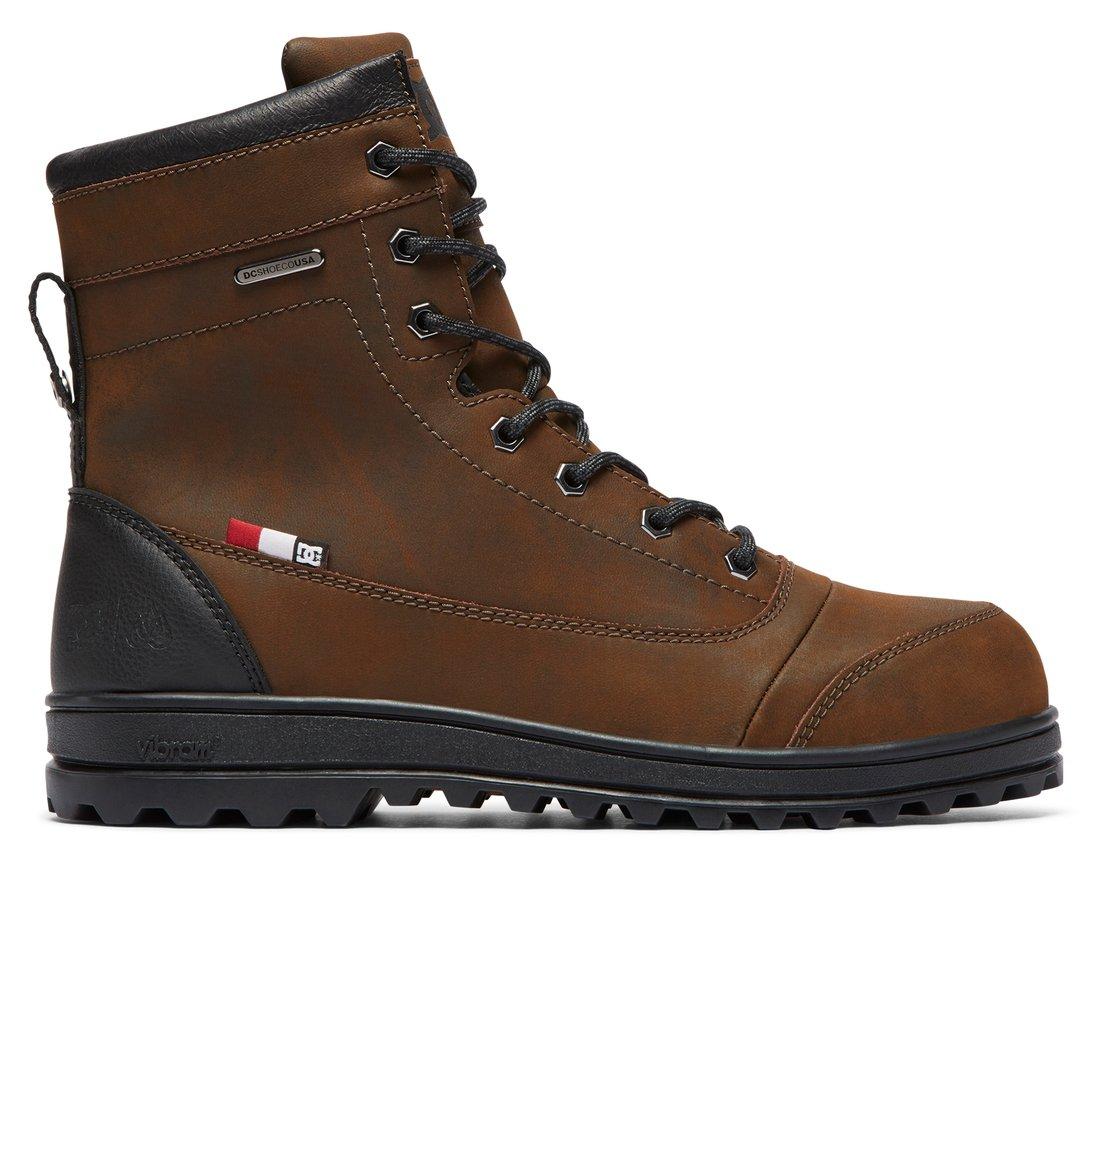 0 Travis - Scarponi impermeabili da Uomo Multicolor ADMB700012 DC Shoes 80fabbf6ad1